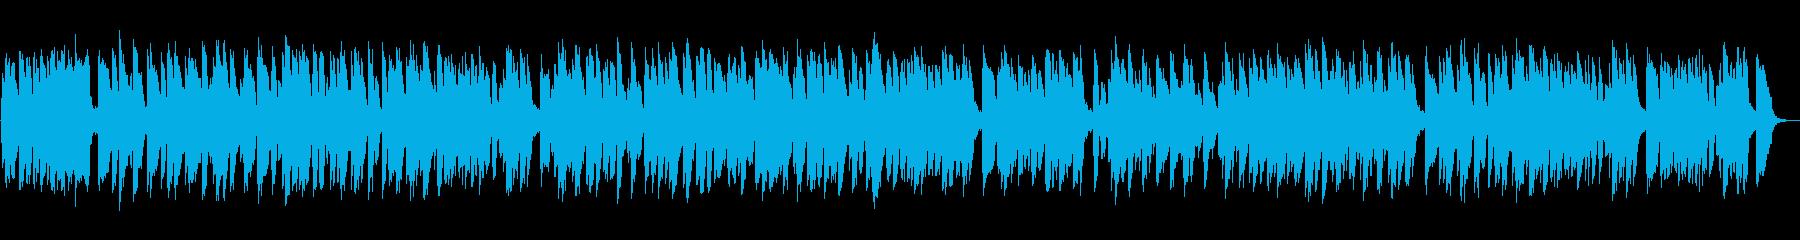 楽しいコミカルなラグタイムピアノソロの再生済みの波形